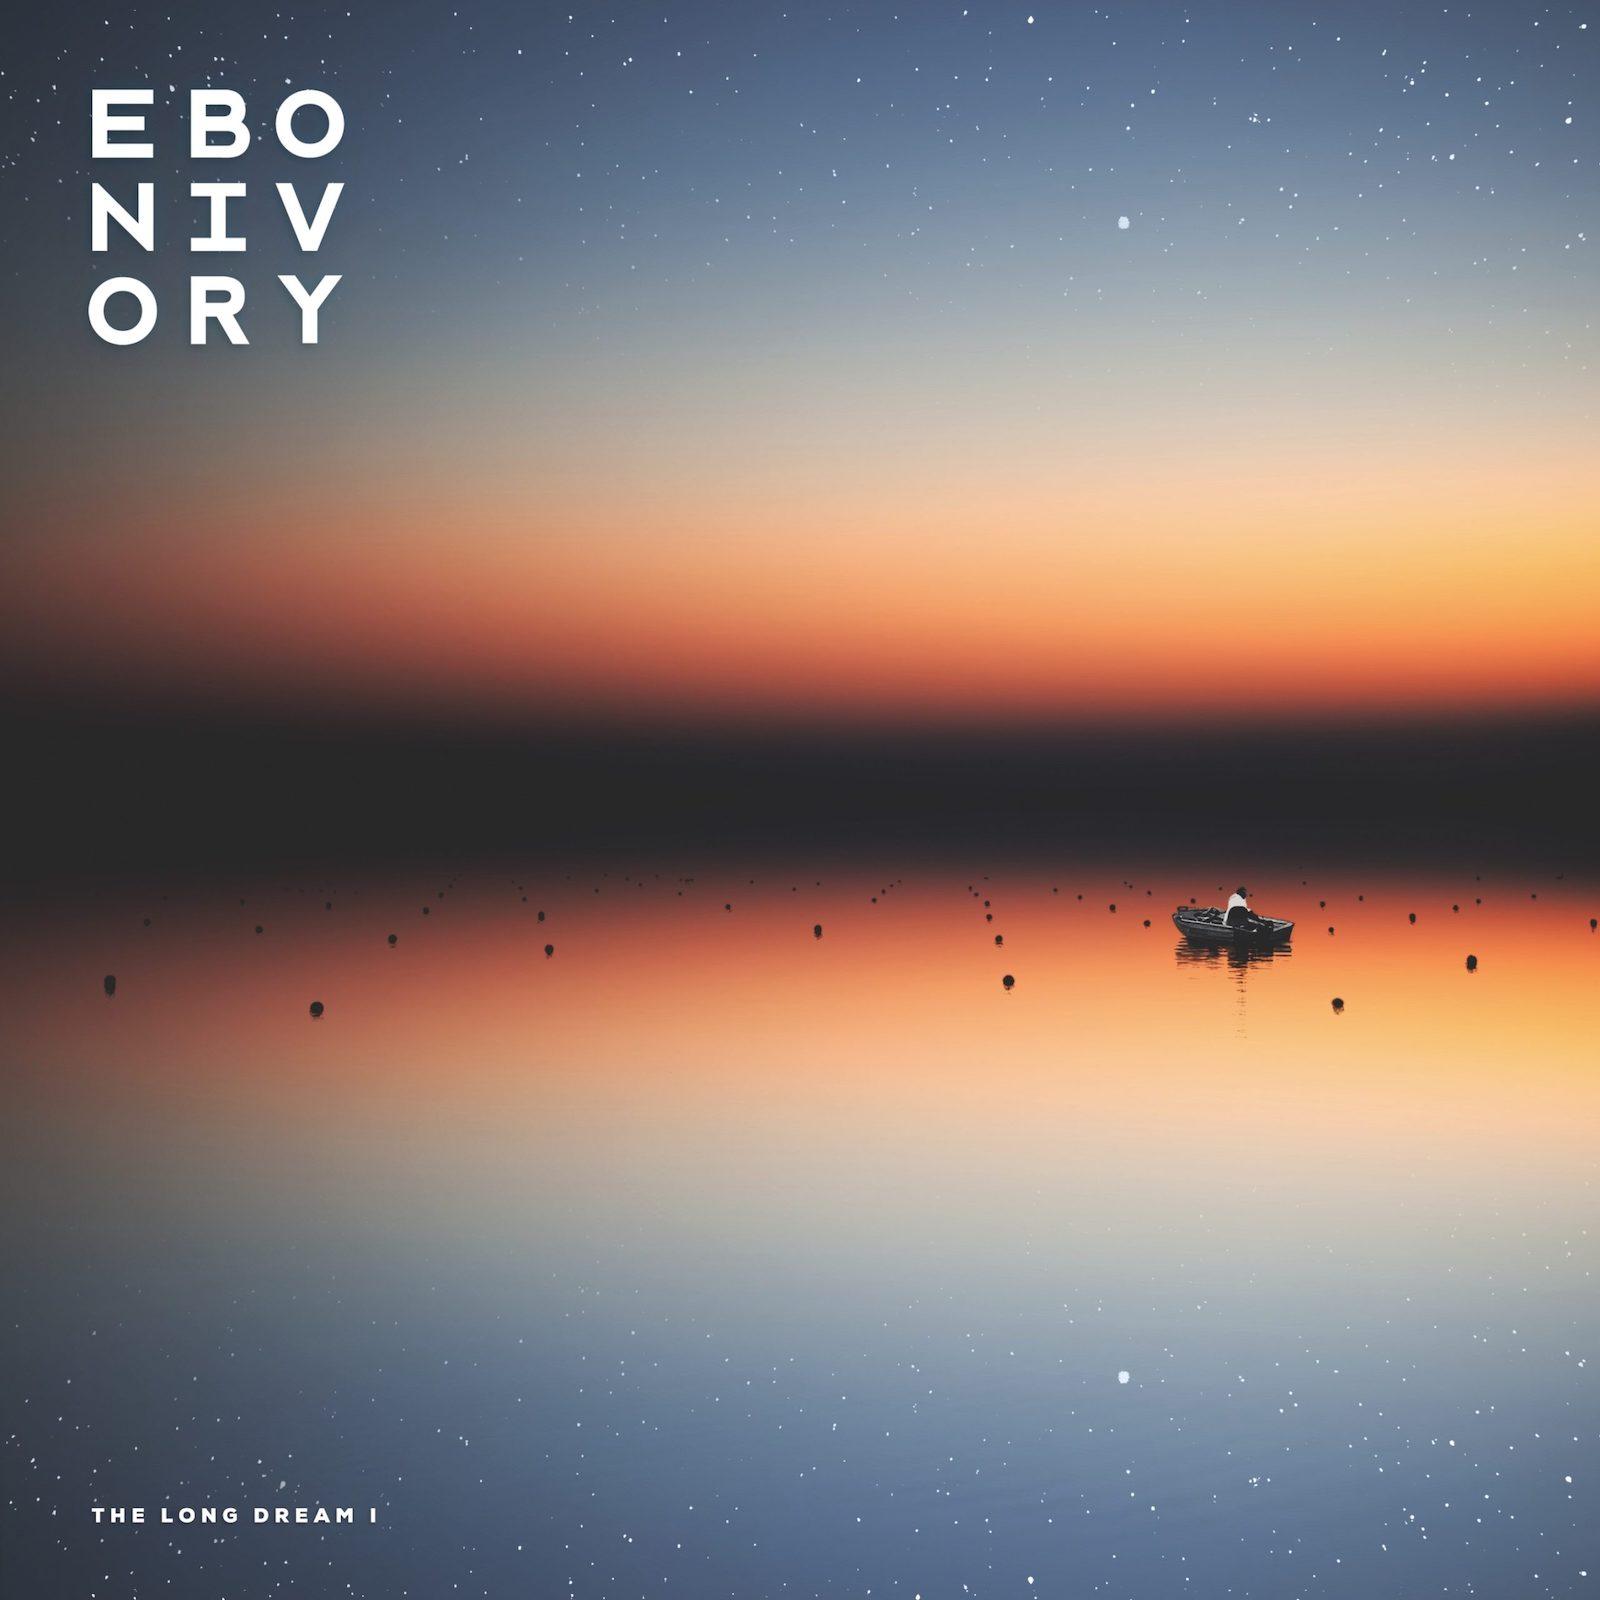 Ebonivory: The Long Dream I